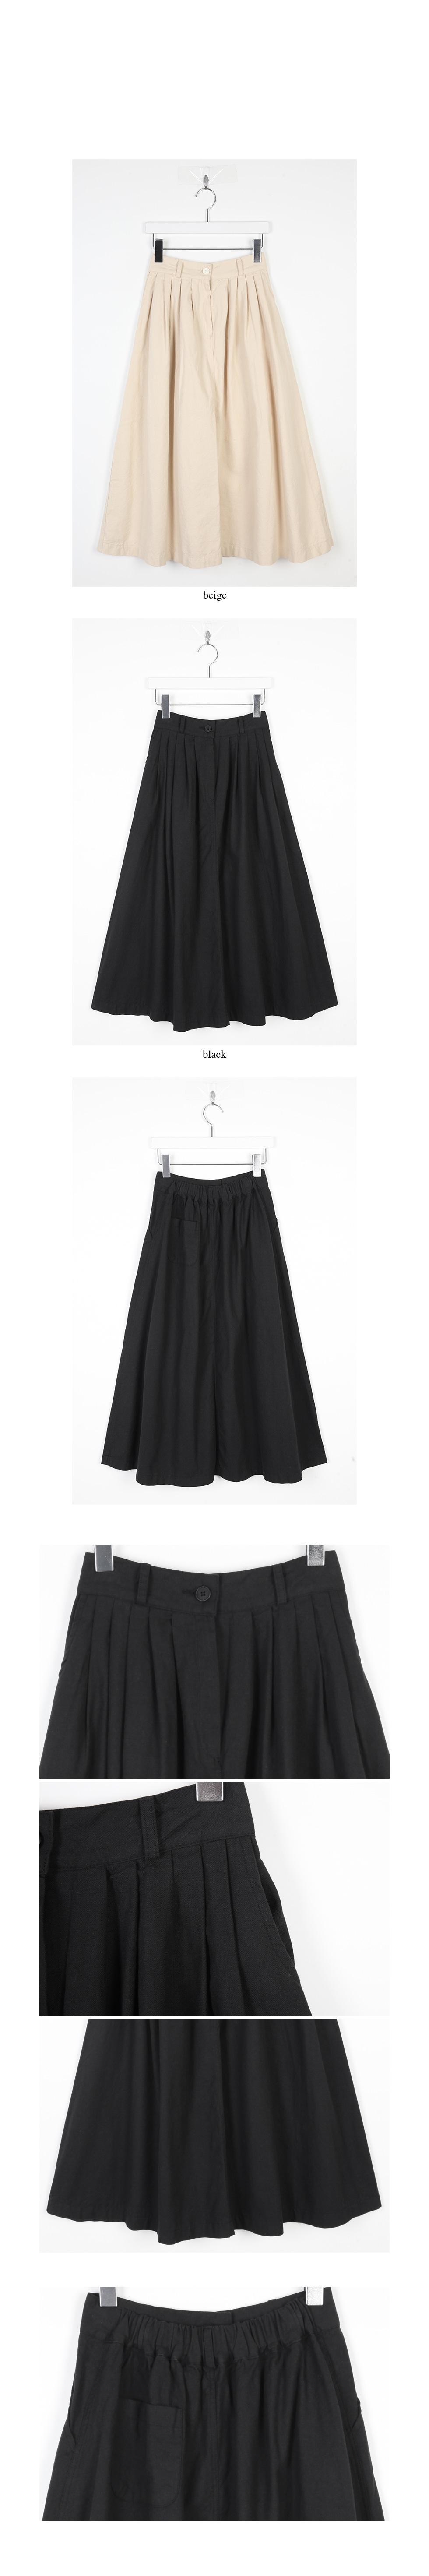 pintuck detail cotton skirts